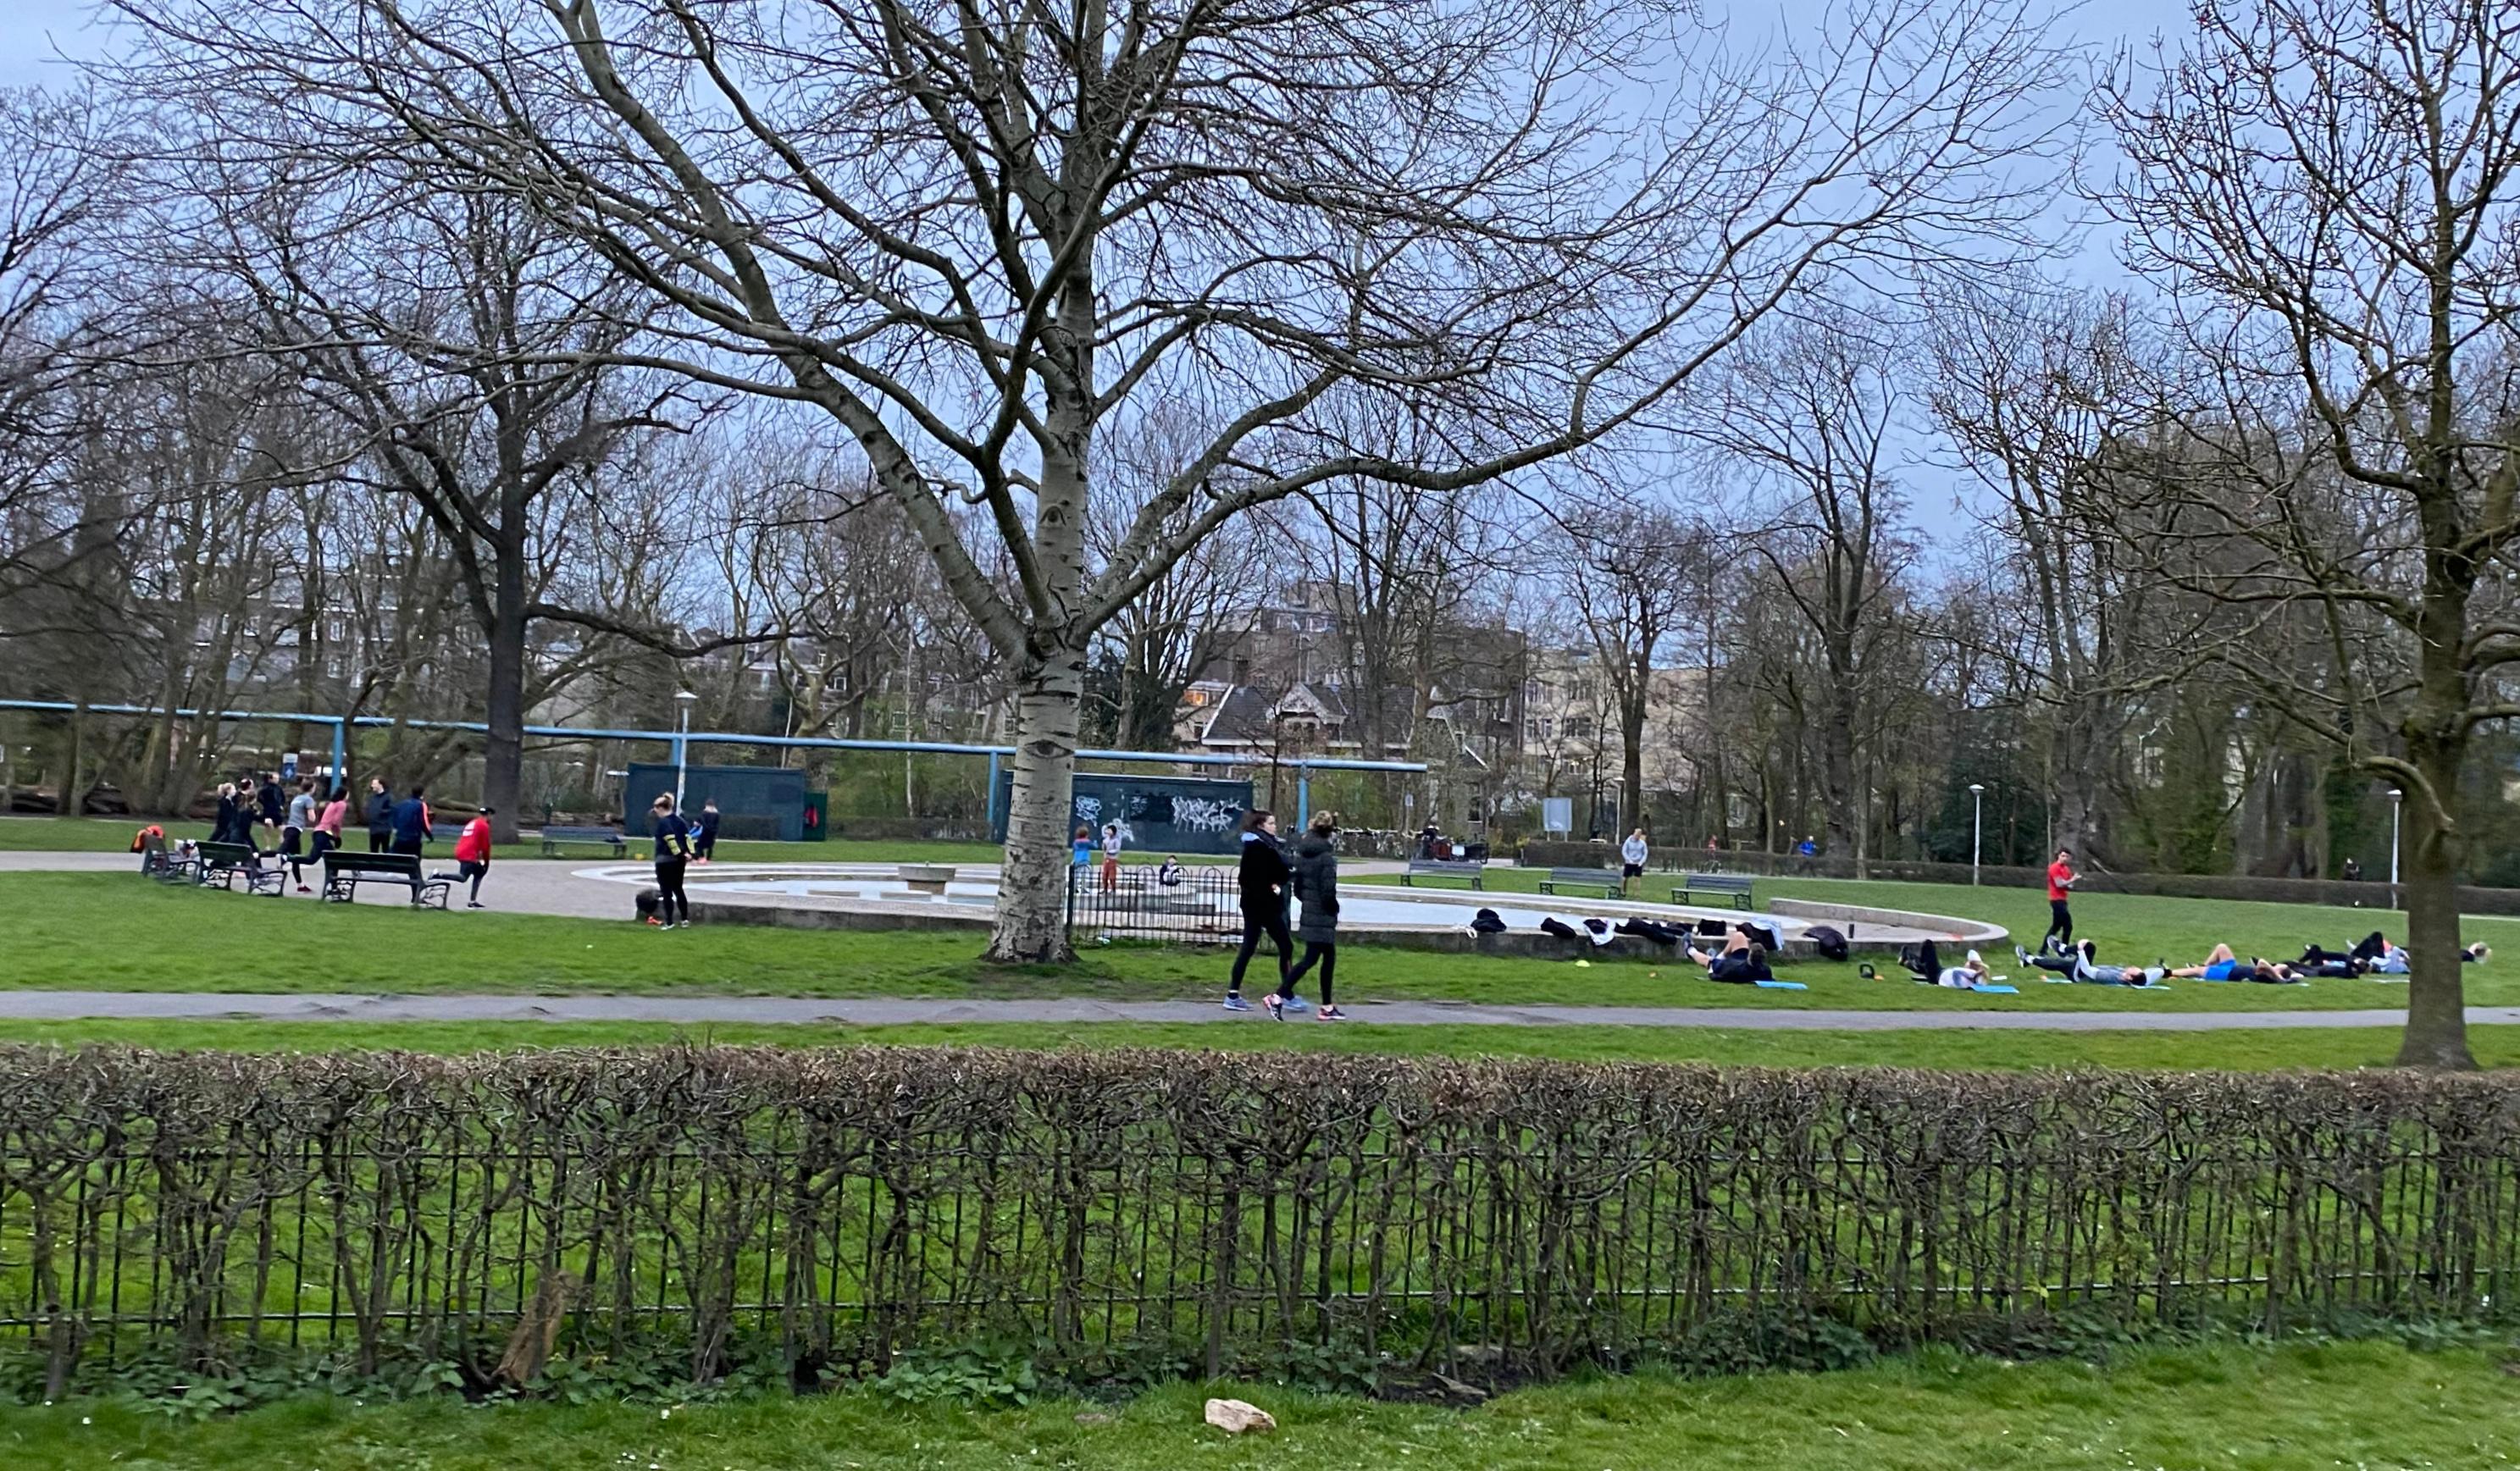 vondelpark, amsterdam, lockdown